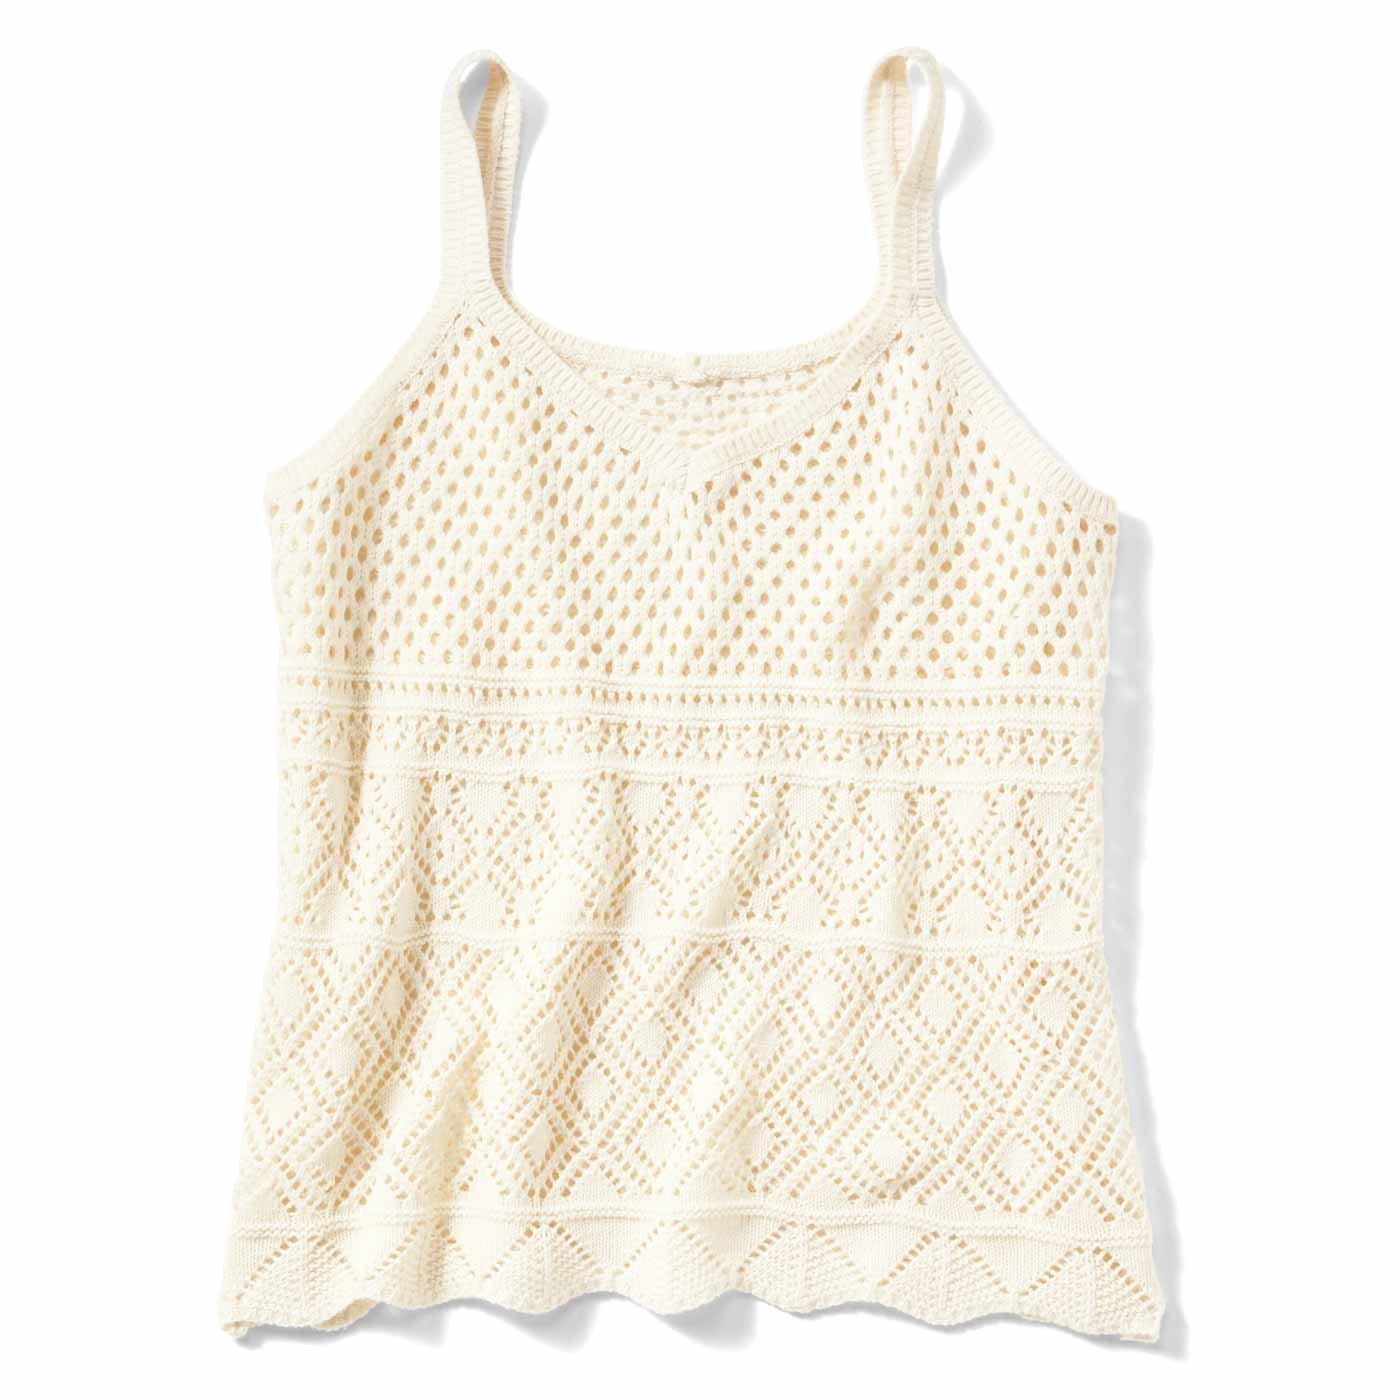 【3~10日でお届け】リブ イン コンフォート ふわっと重ねてTシャツコーデを新鮮にする 綿ニットキャミソール〈オフホワイト〉